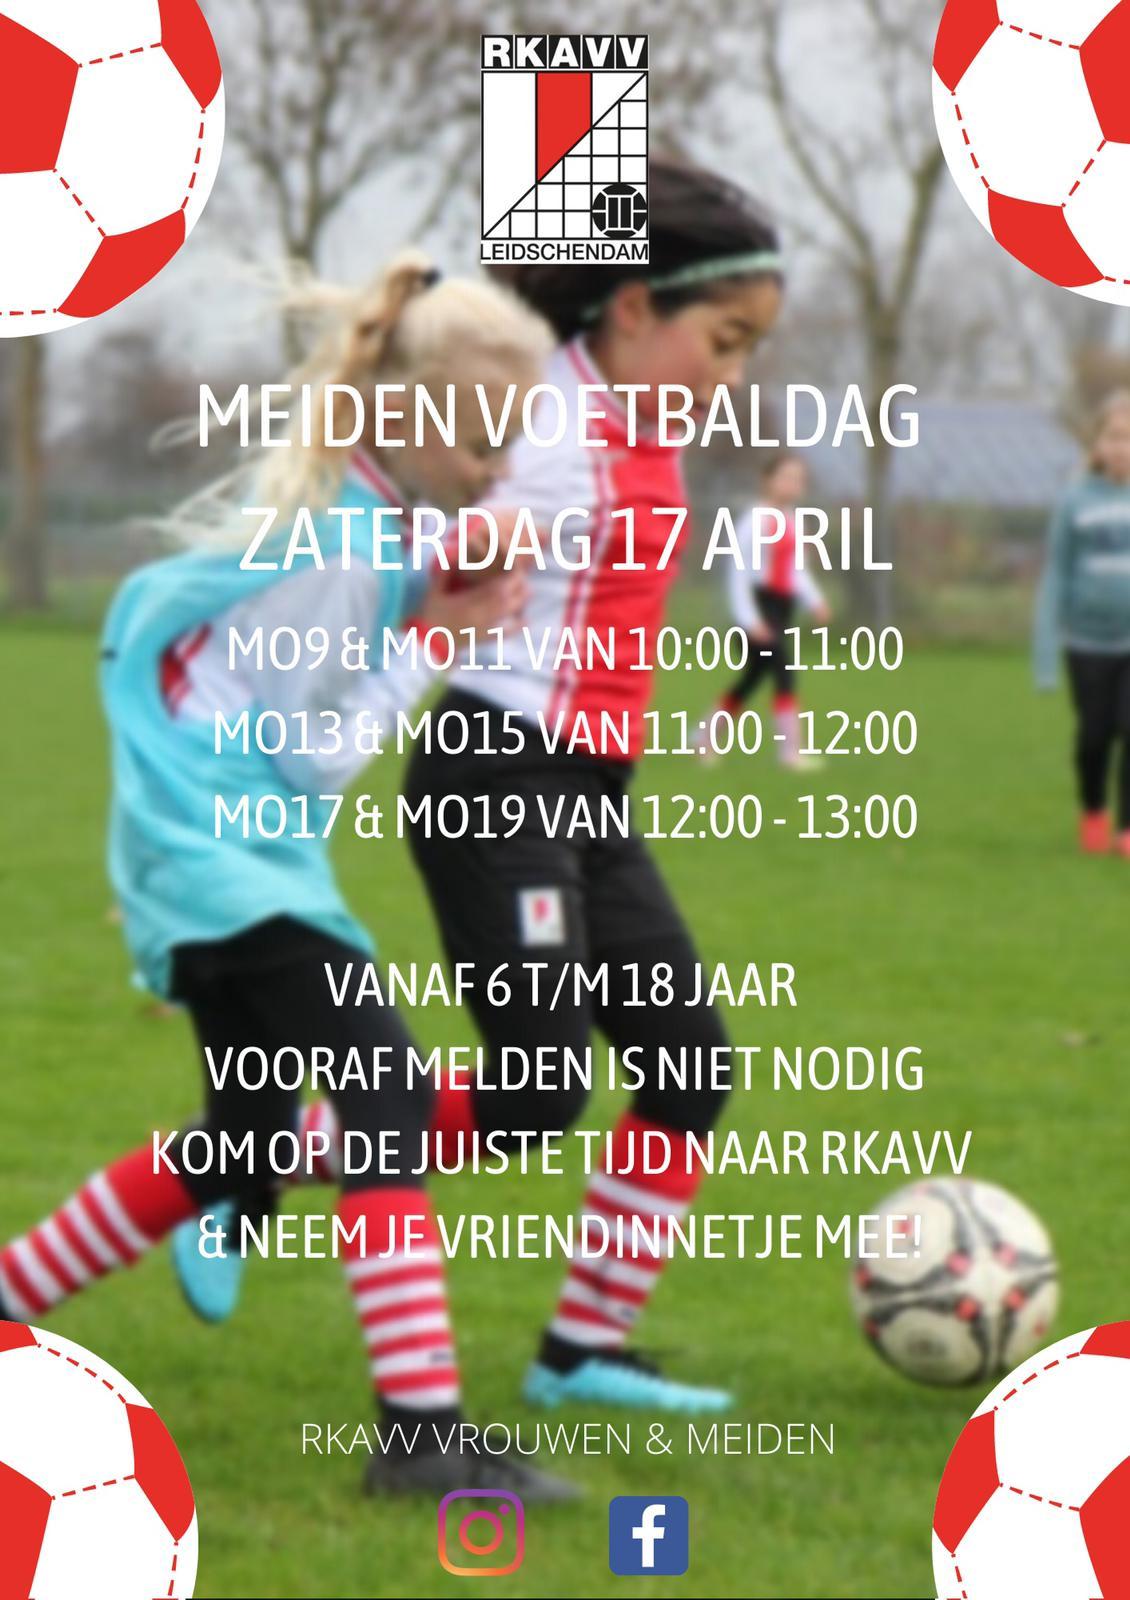 Zaterdag 17 april open voetbaldag voor meiden